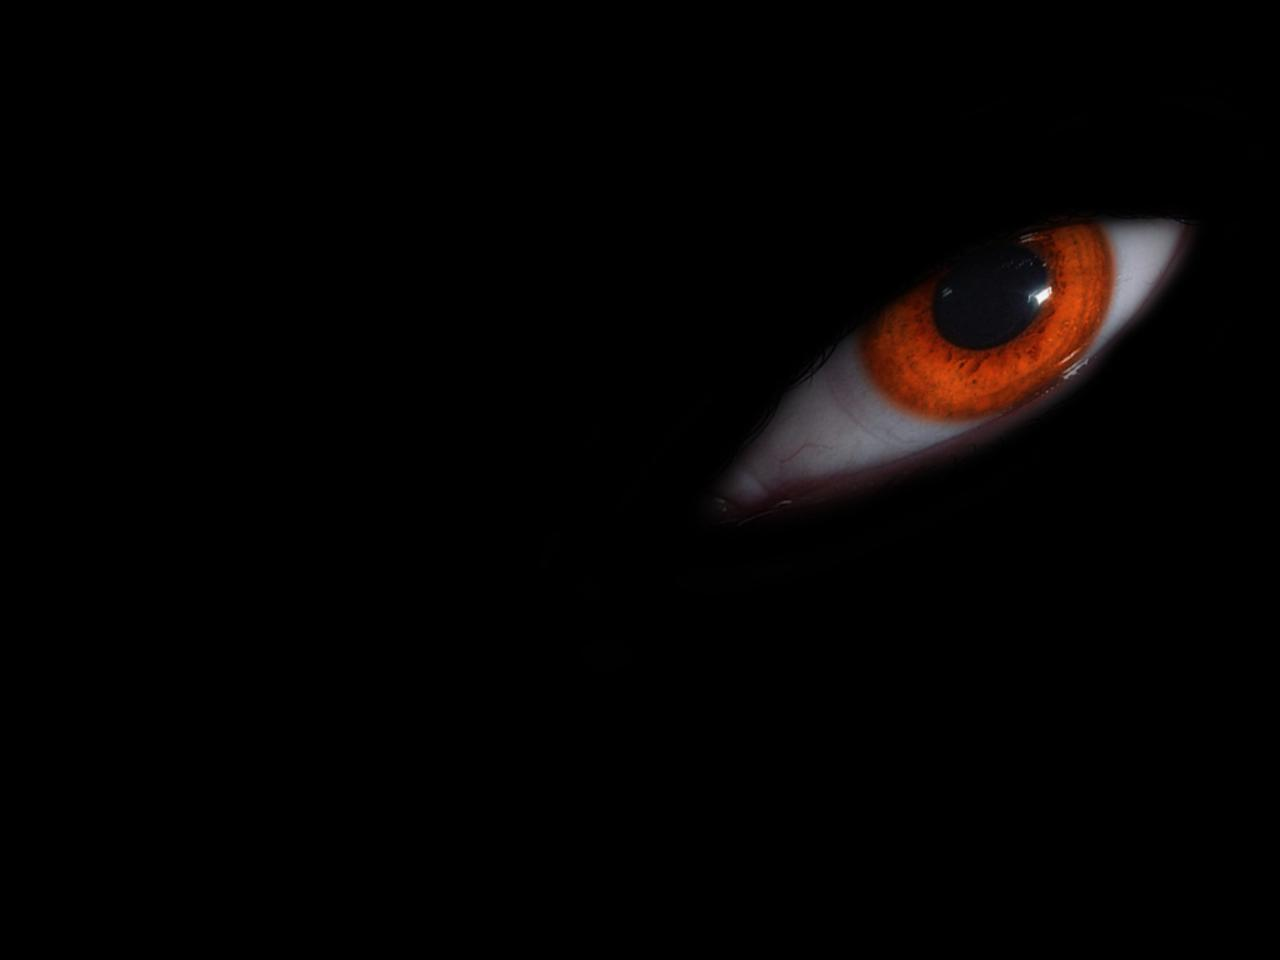 En la oscuridad 184 - 2 part 6